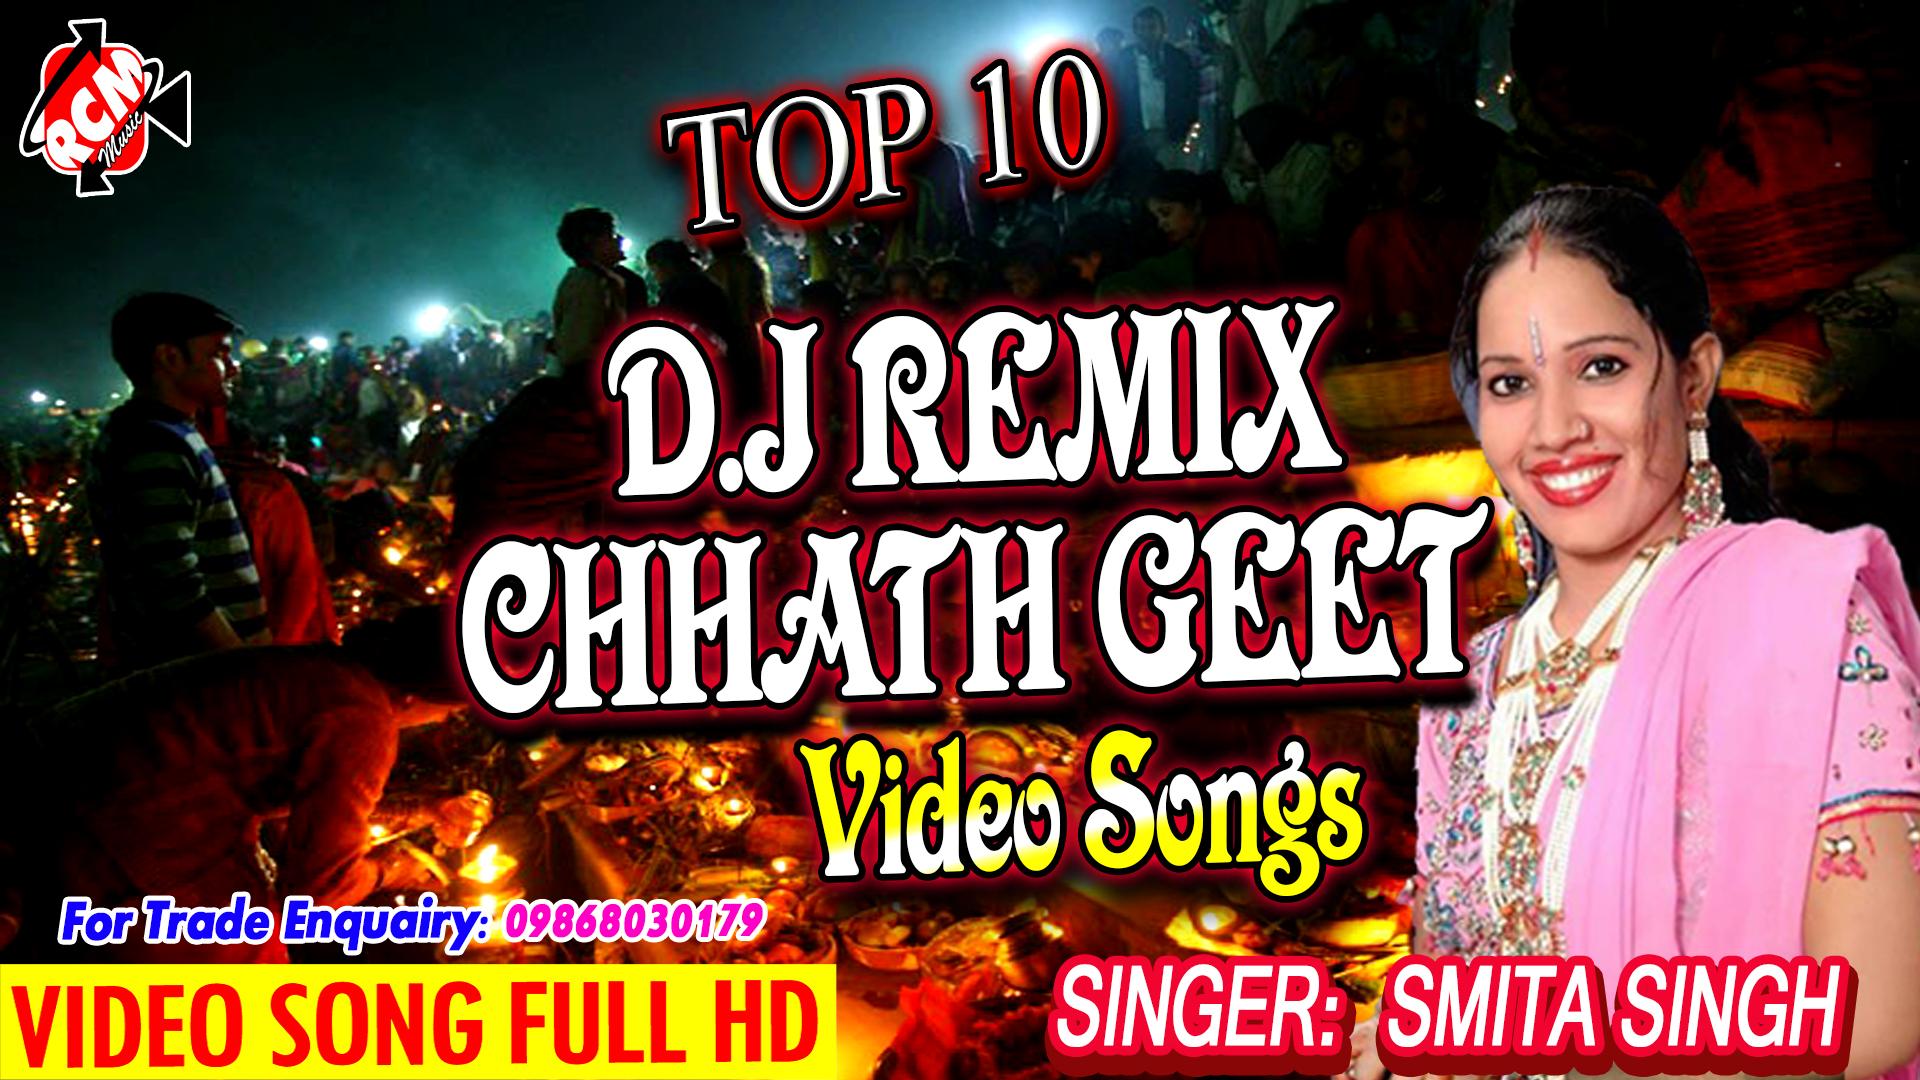 स्मिता सिंह का फुल डीजे छठ गीत टॉप 10 वायरल वीडियो 2017